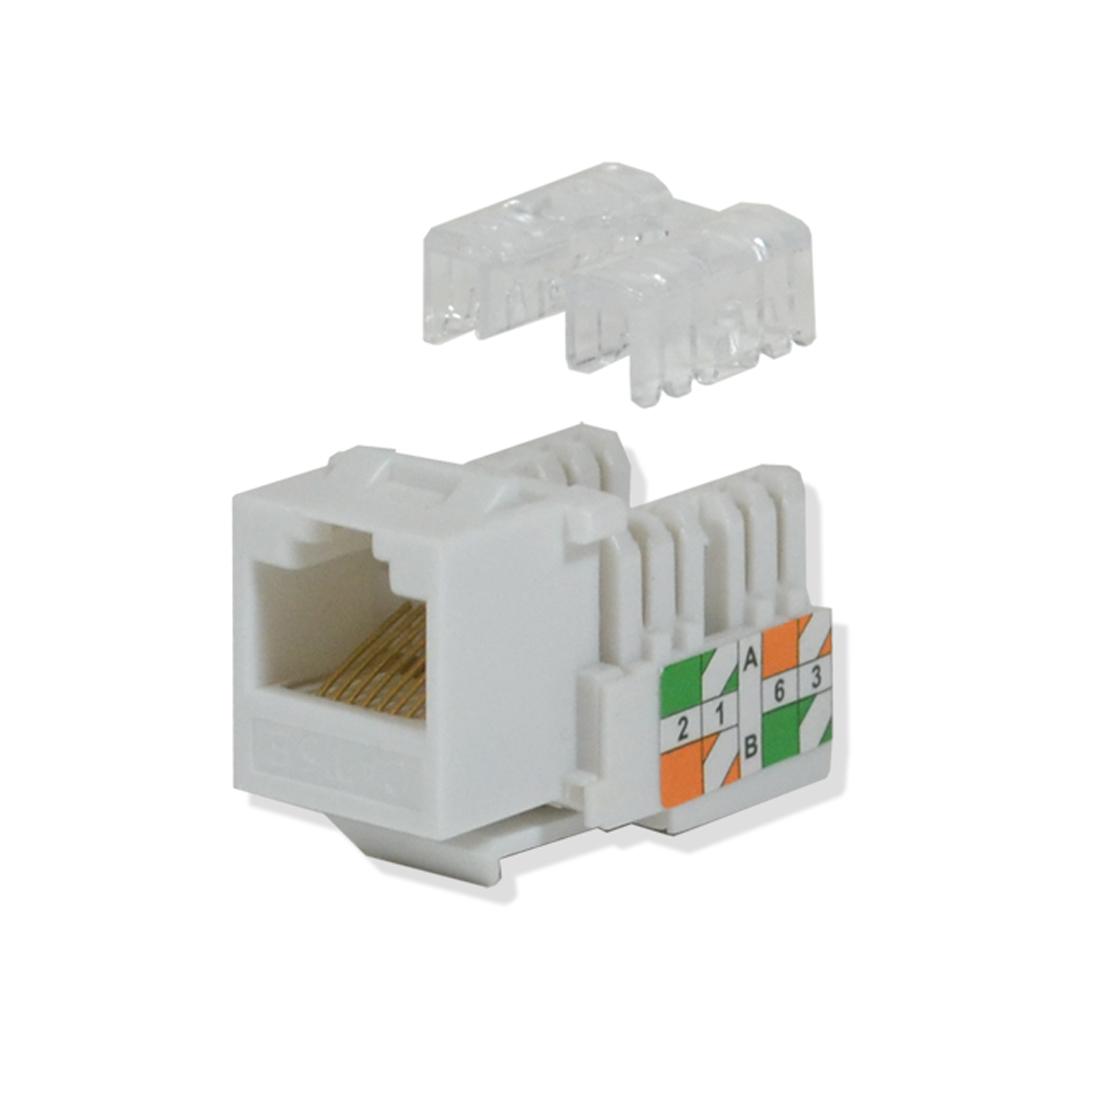 cat5e keystone jack 110 punch down network ethernet rj45. Black Bedroom Furniture Sets. Home Design Ideas